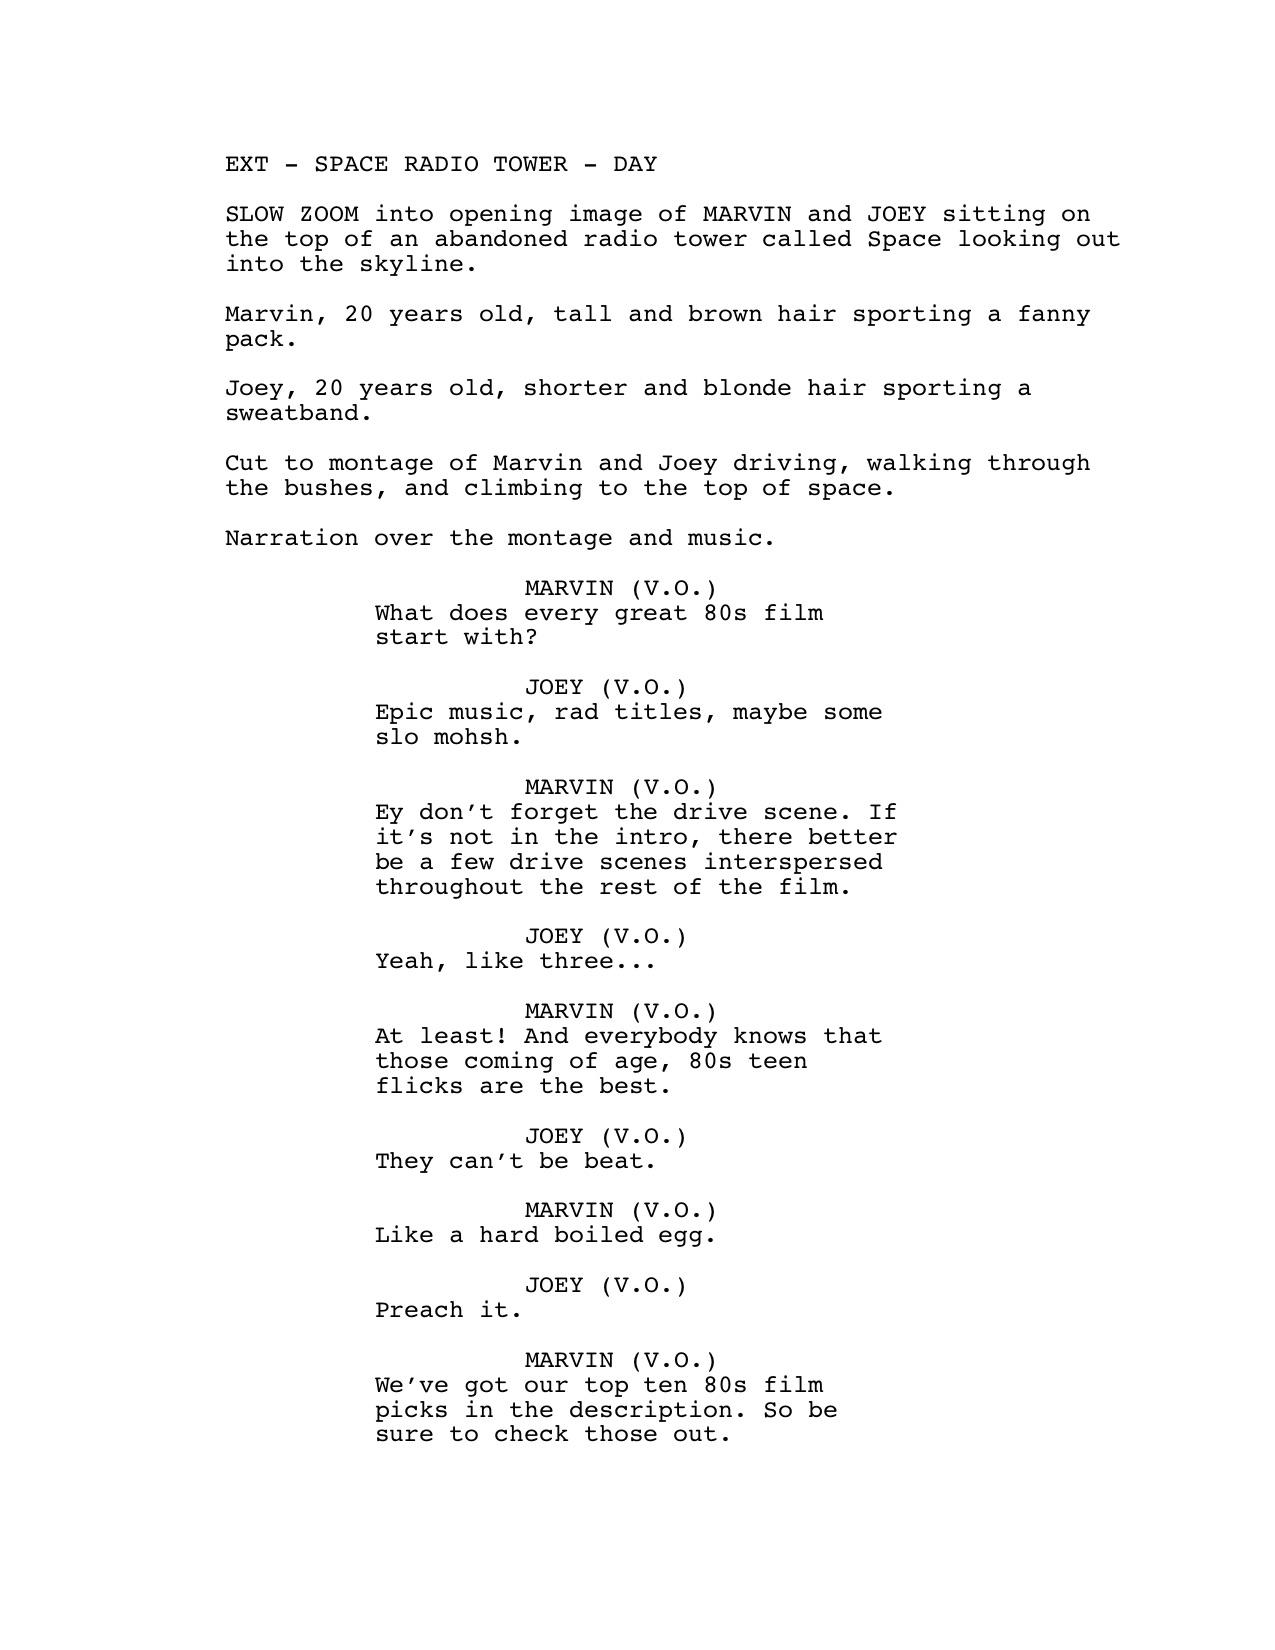 Space Waves Script Excerptp2.jpg